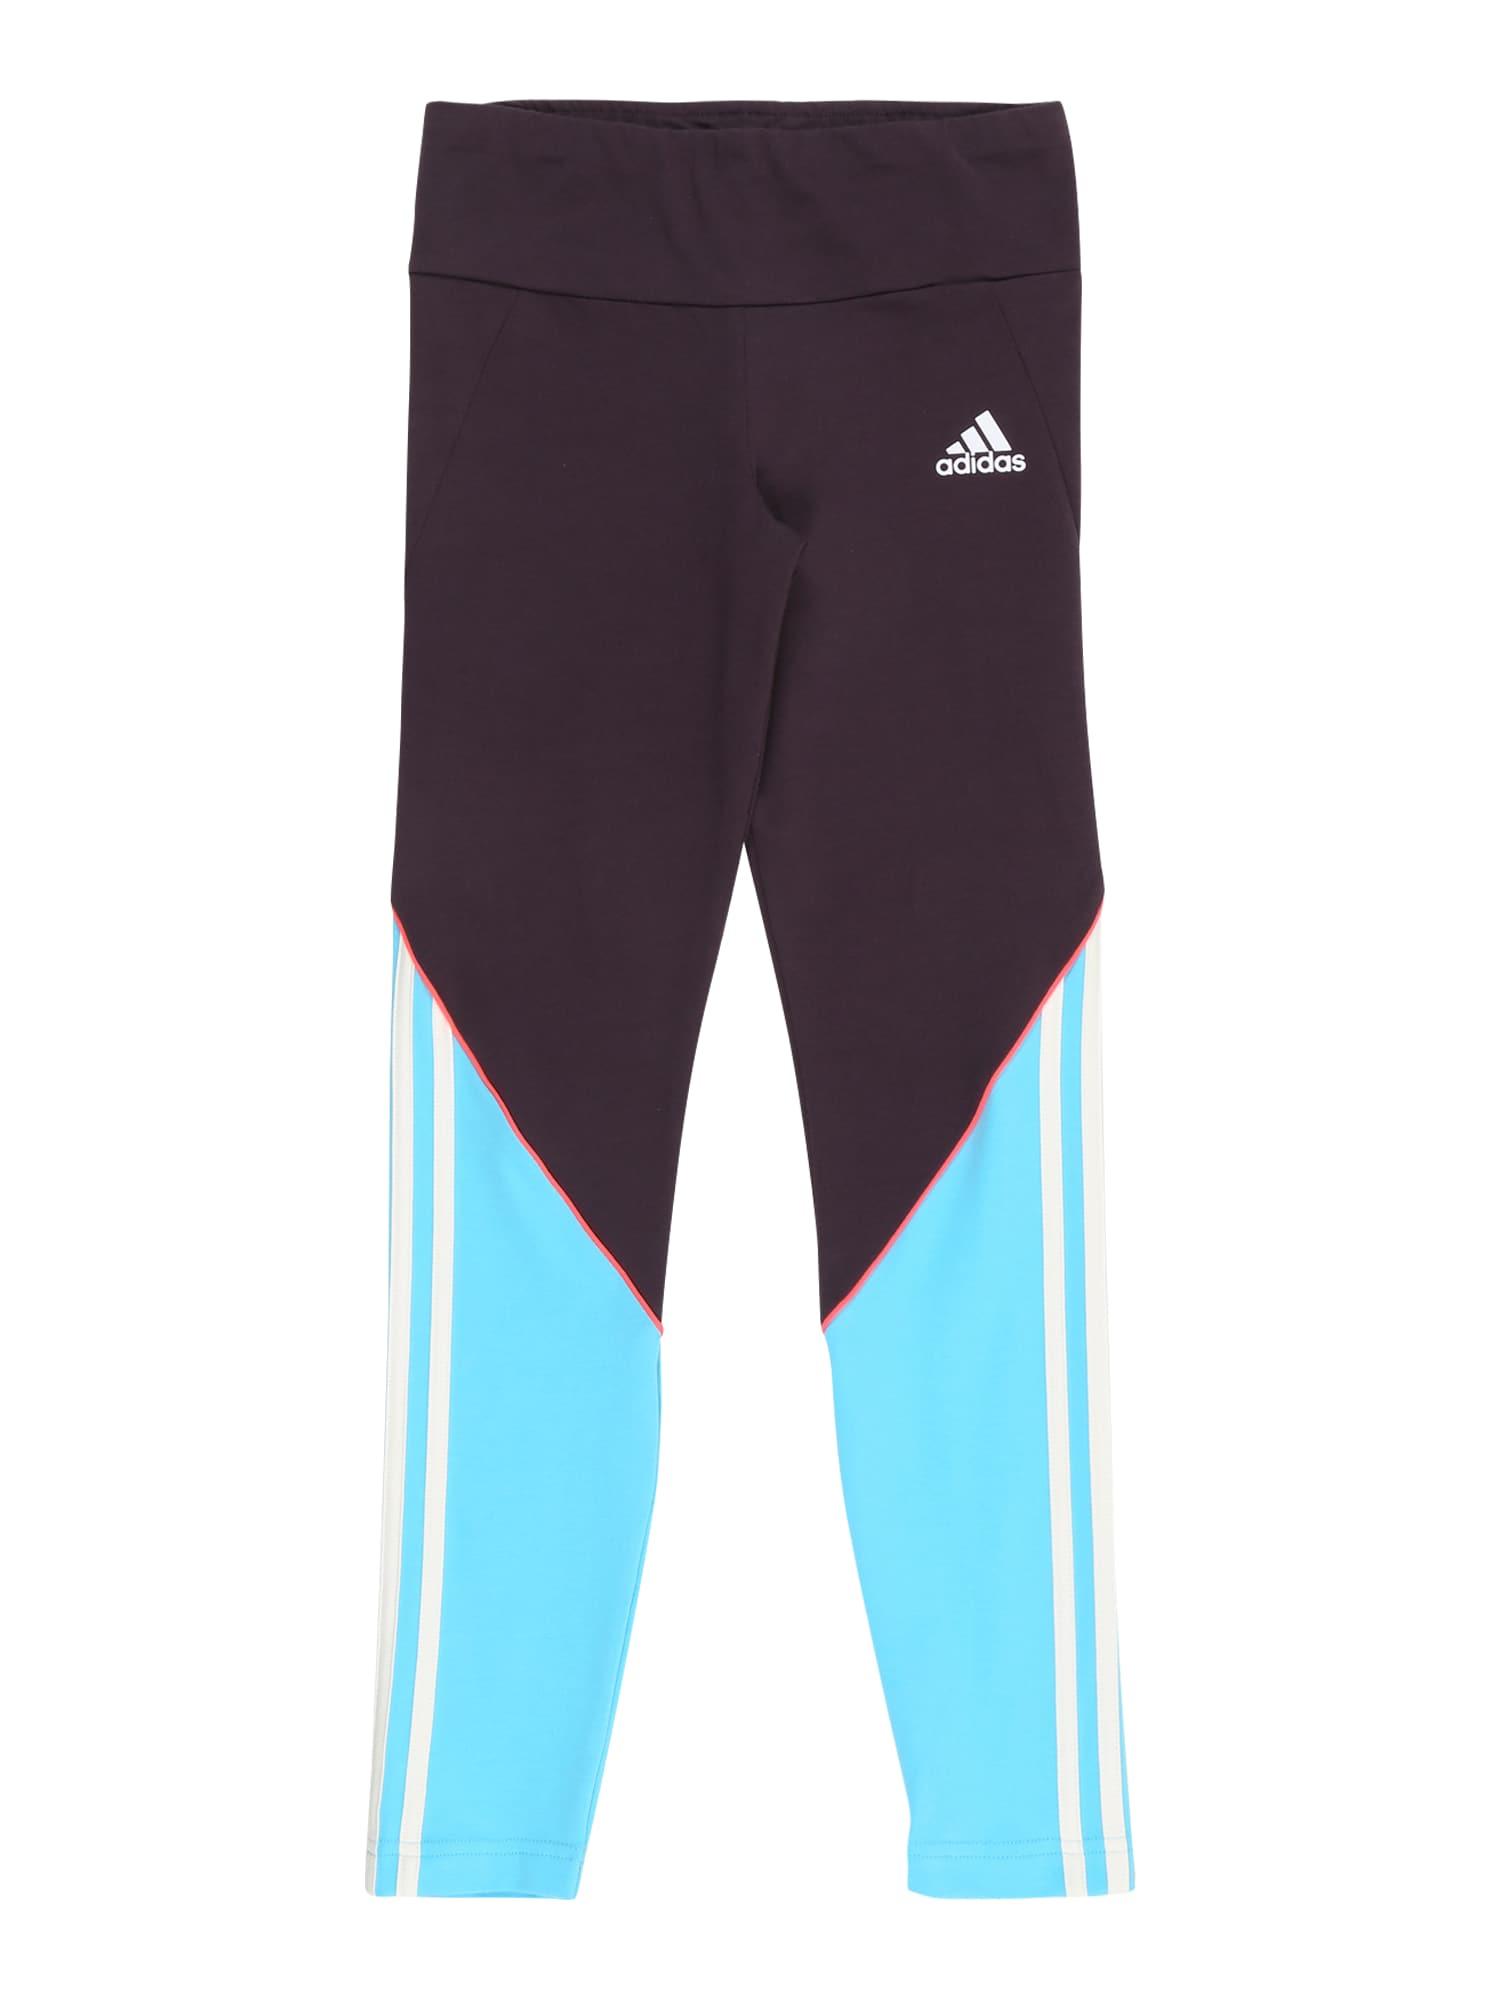 ADIDAS PERFORMANCE Sportovní kalhoty 'Bold'  tmavě fialová / světlemodrá / bílá